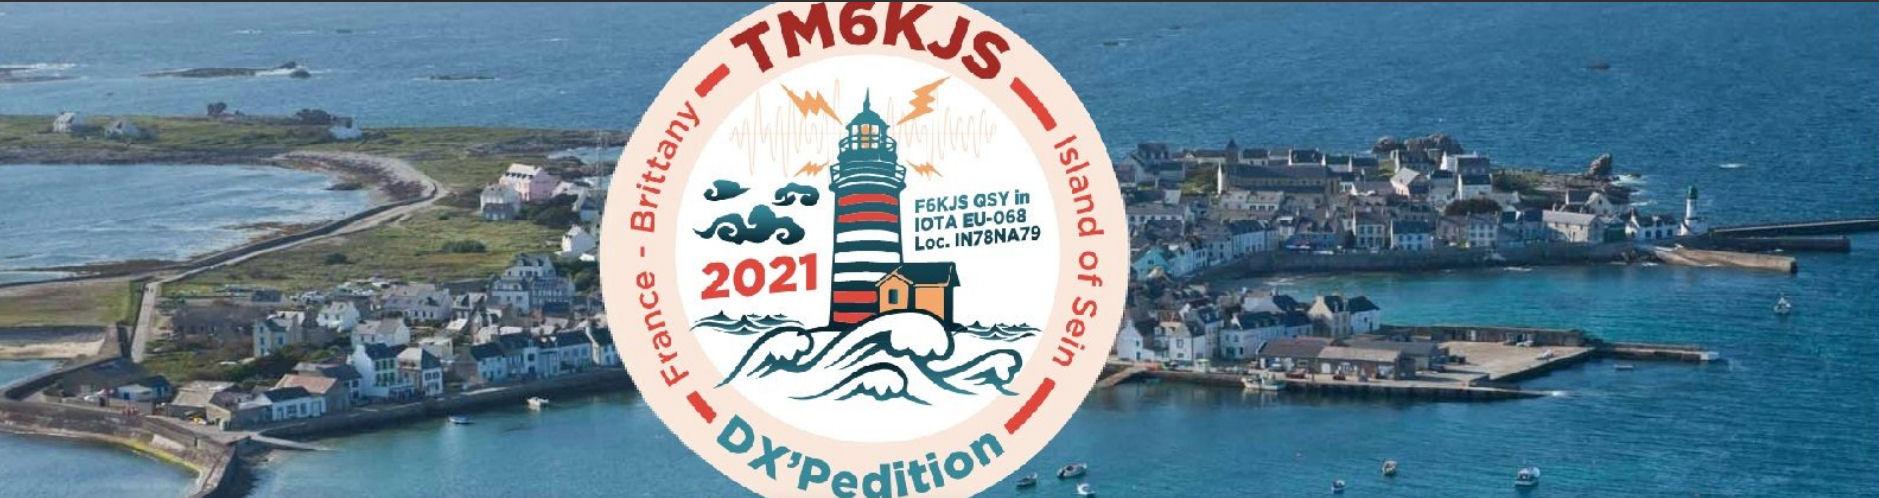 TM6KJS Island of Sein saranno attivi in FT8